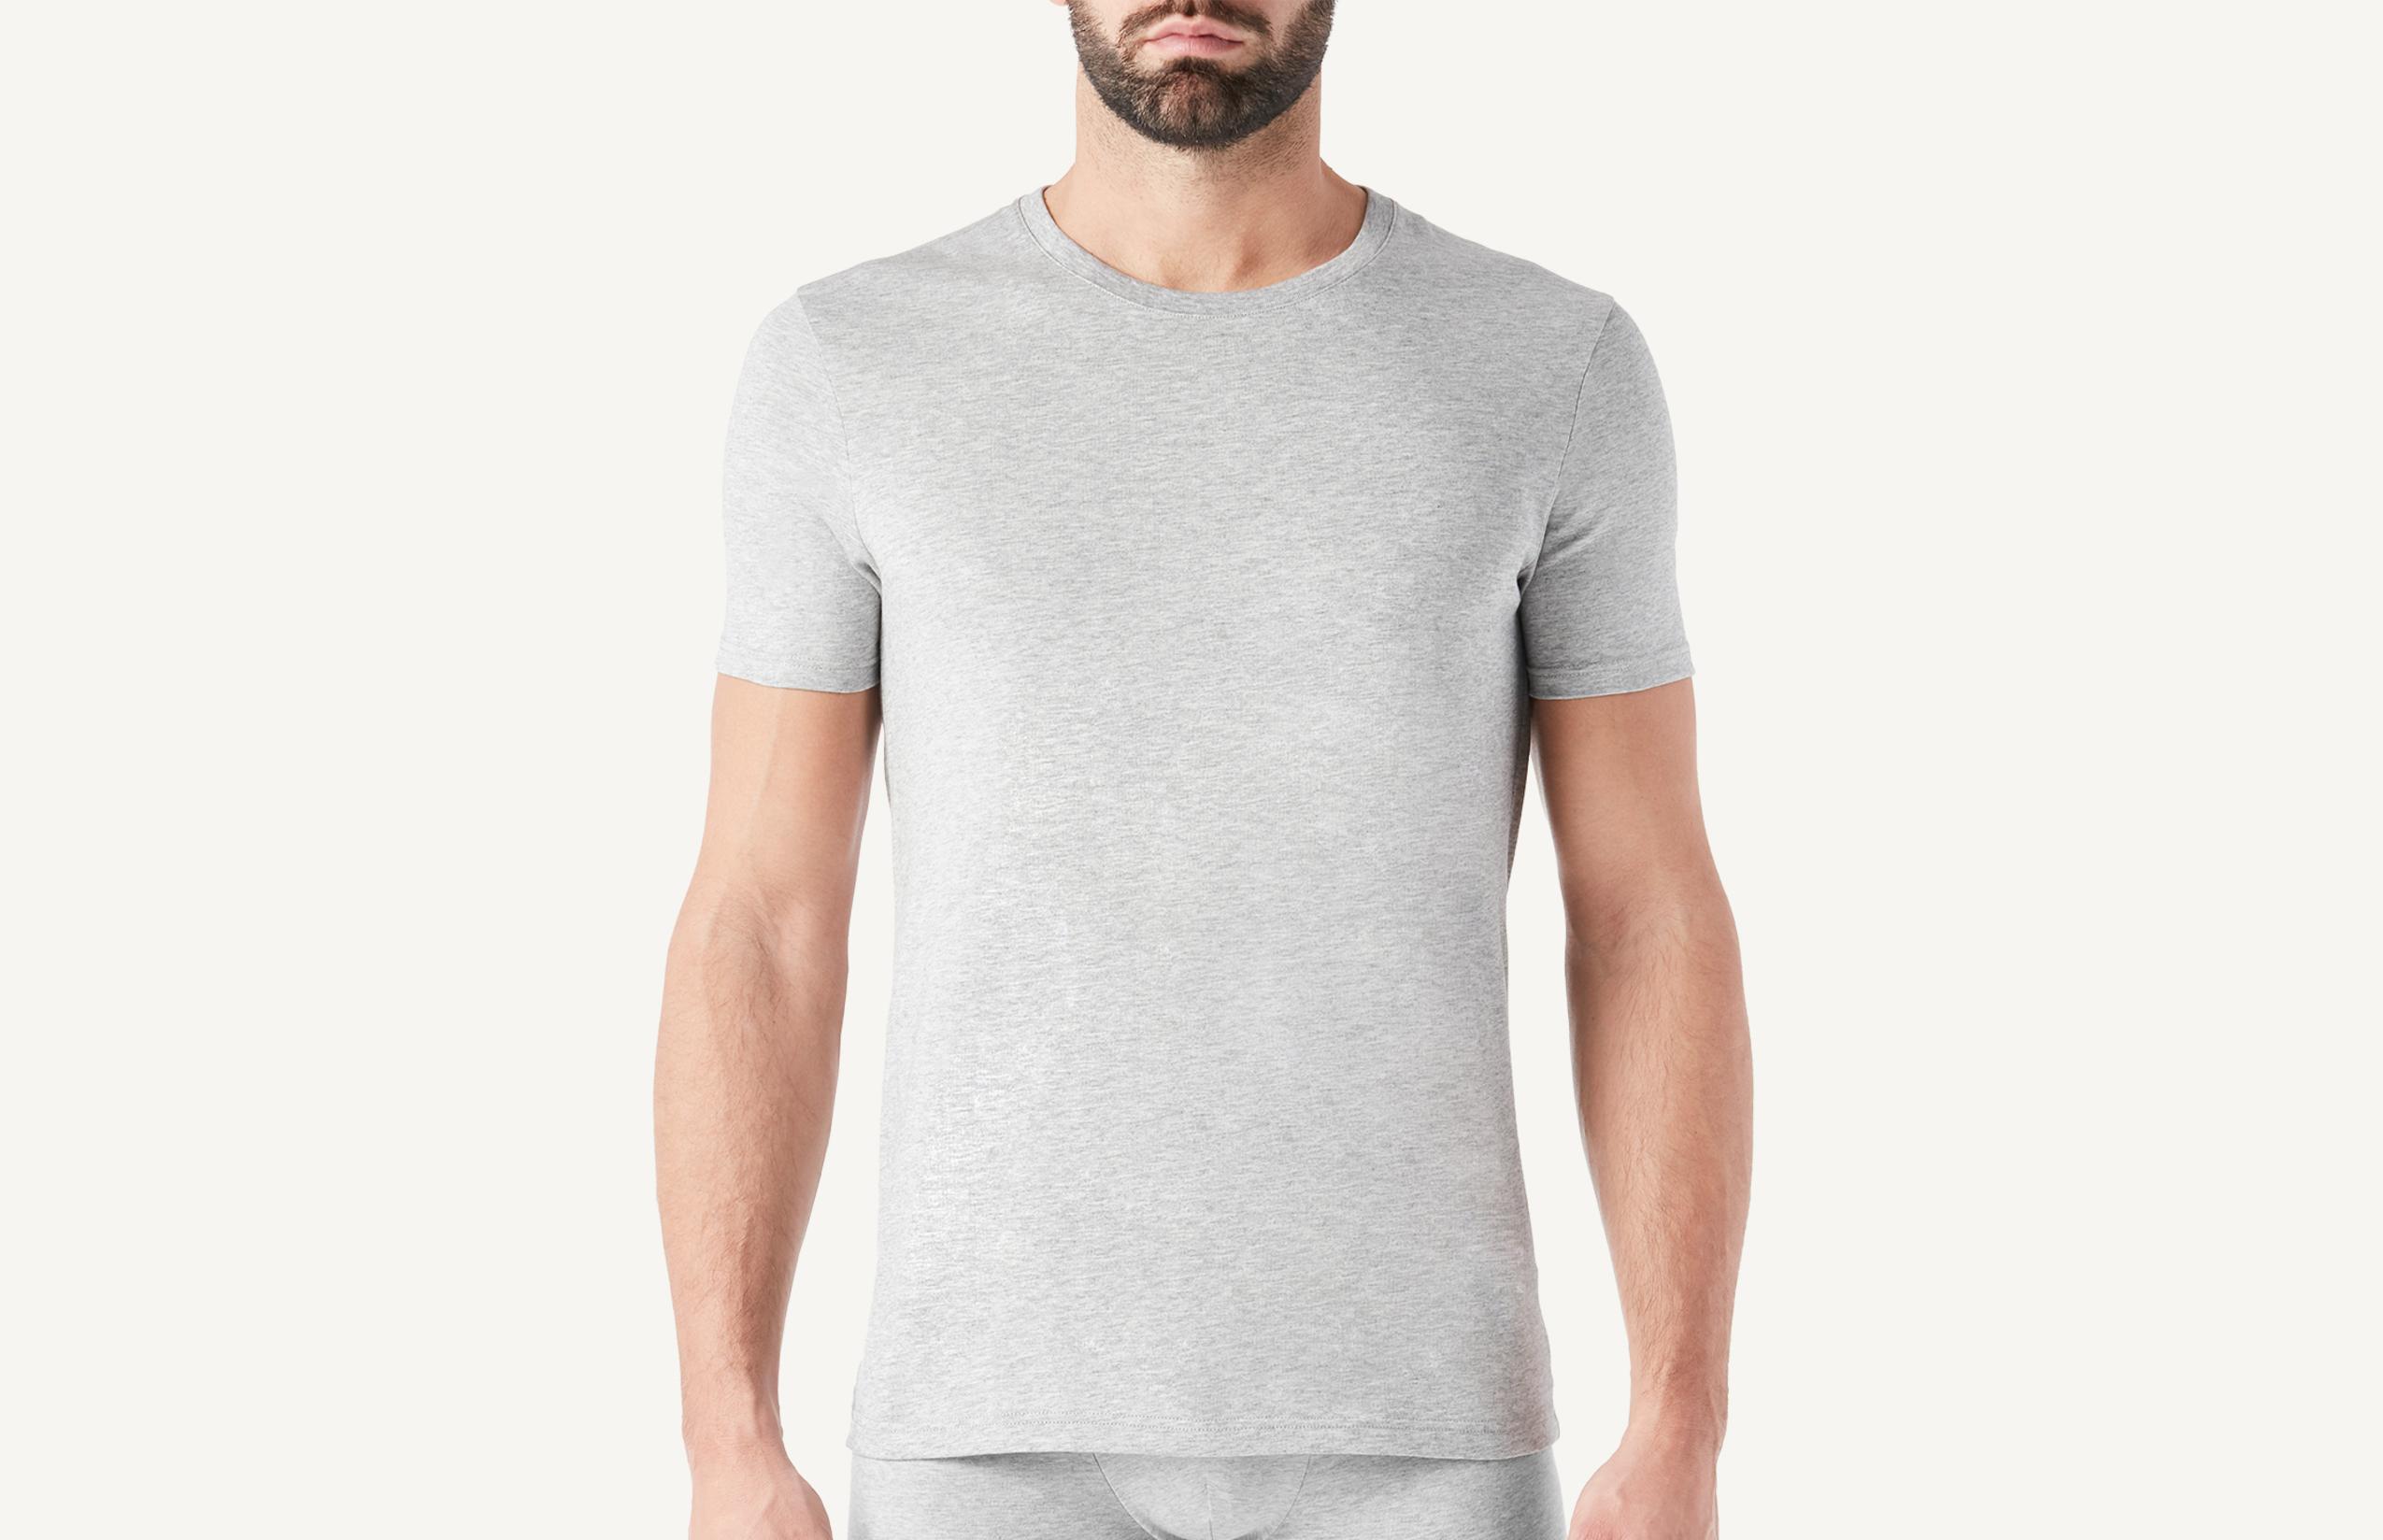 intimissimi - Kurzarm-T-Shirt mit Rundhalsausschnitt aus Supima®-Baumwolle